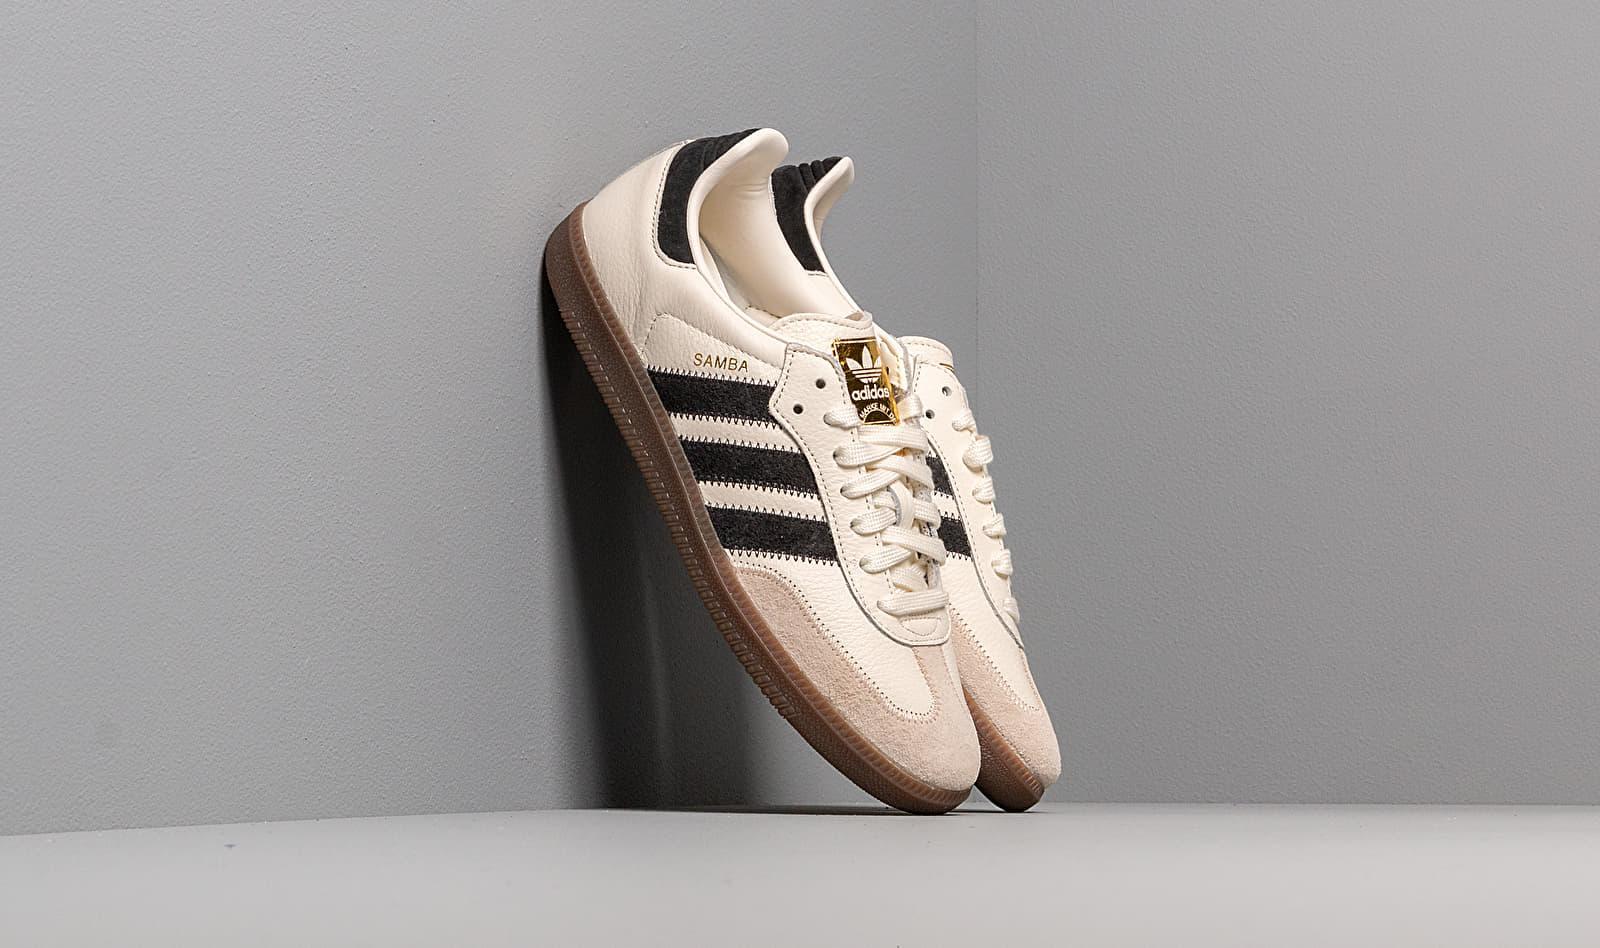 adidas Samba OG FT (Off White Carbon Linen)